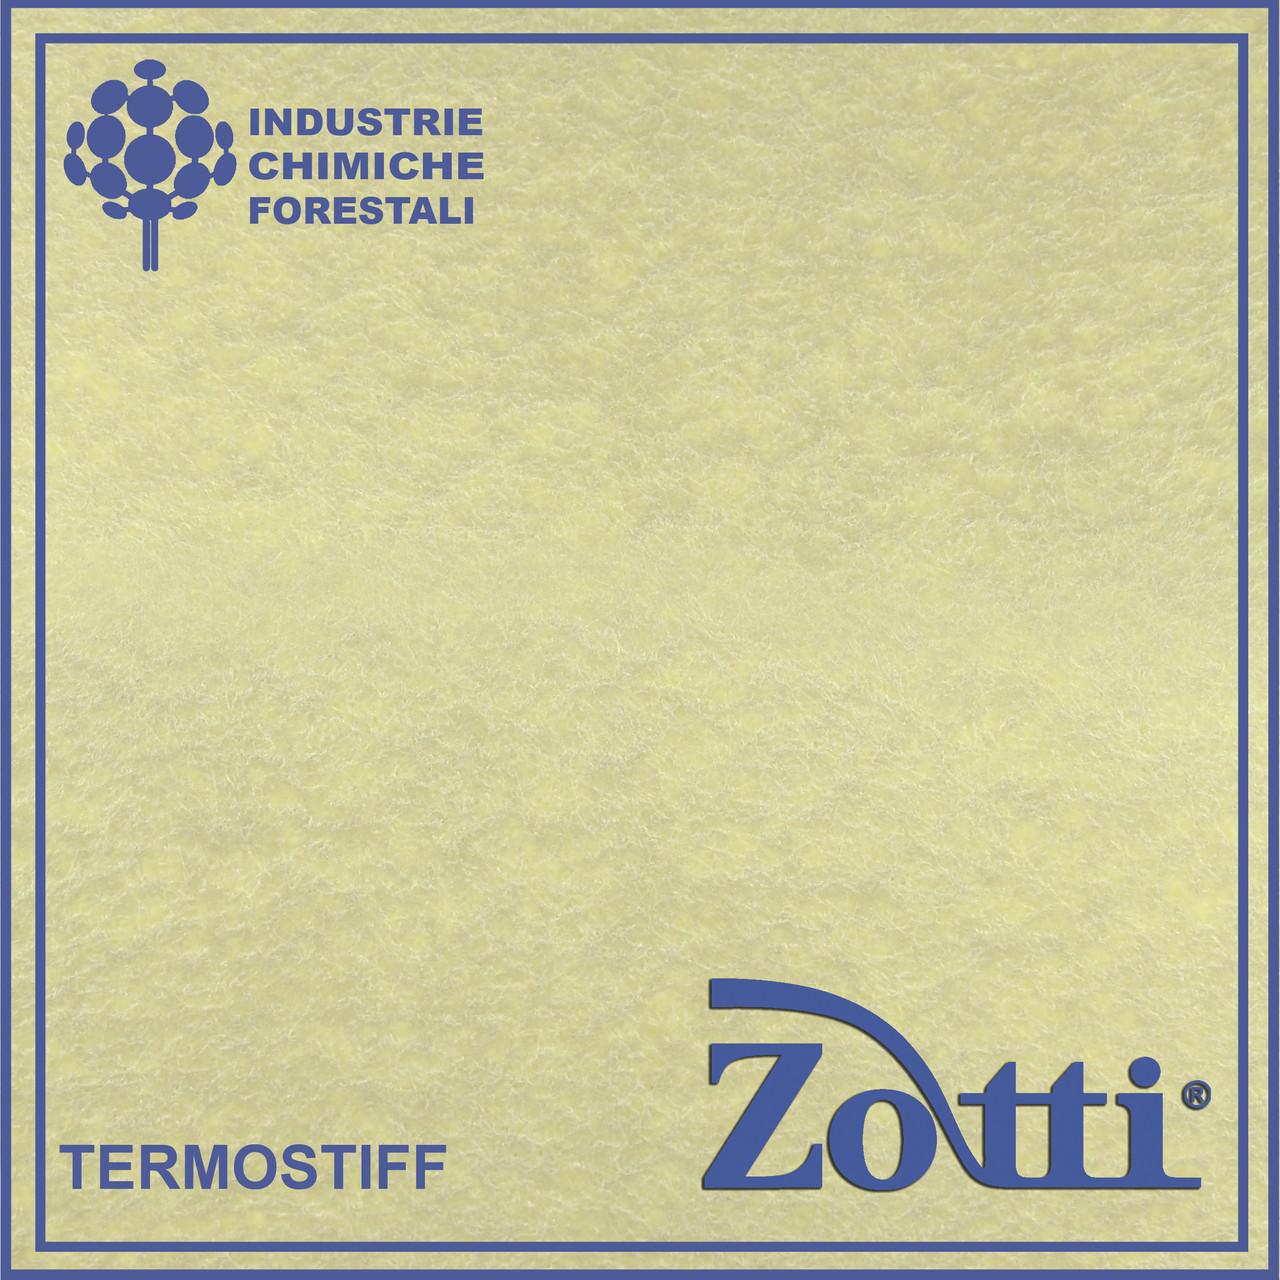 Термогранитоль/термопласт TERMOSTIFF. (Италия)